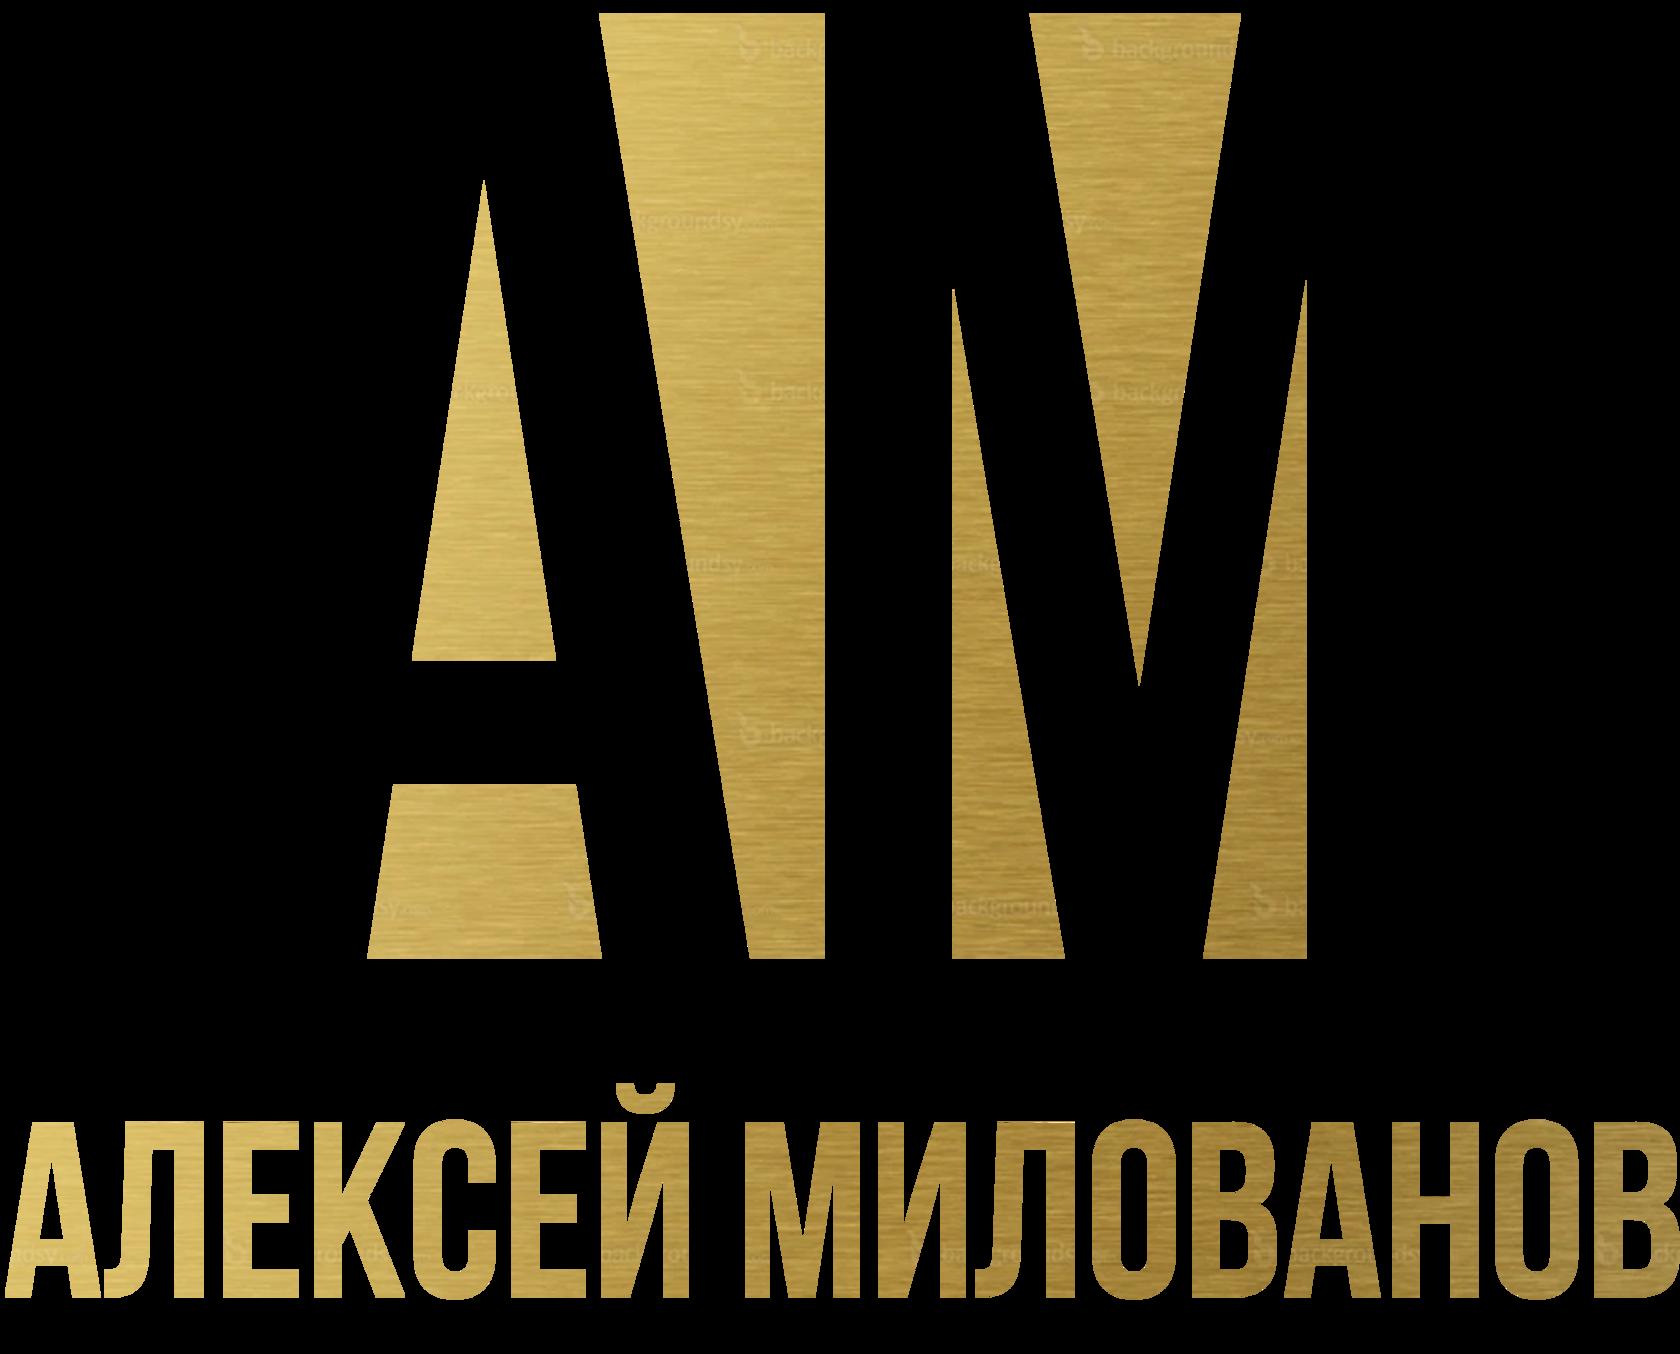 MILOVANOV